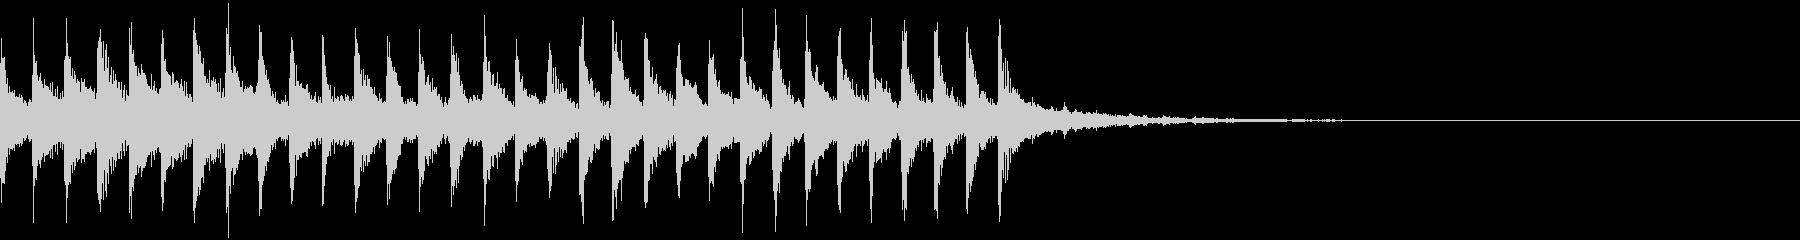 透明感のあるEDMジングル3の未再生の波形